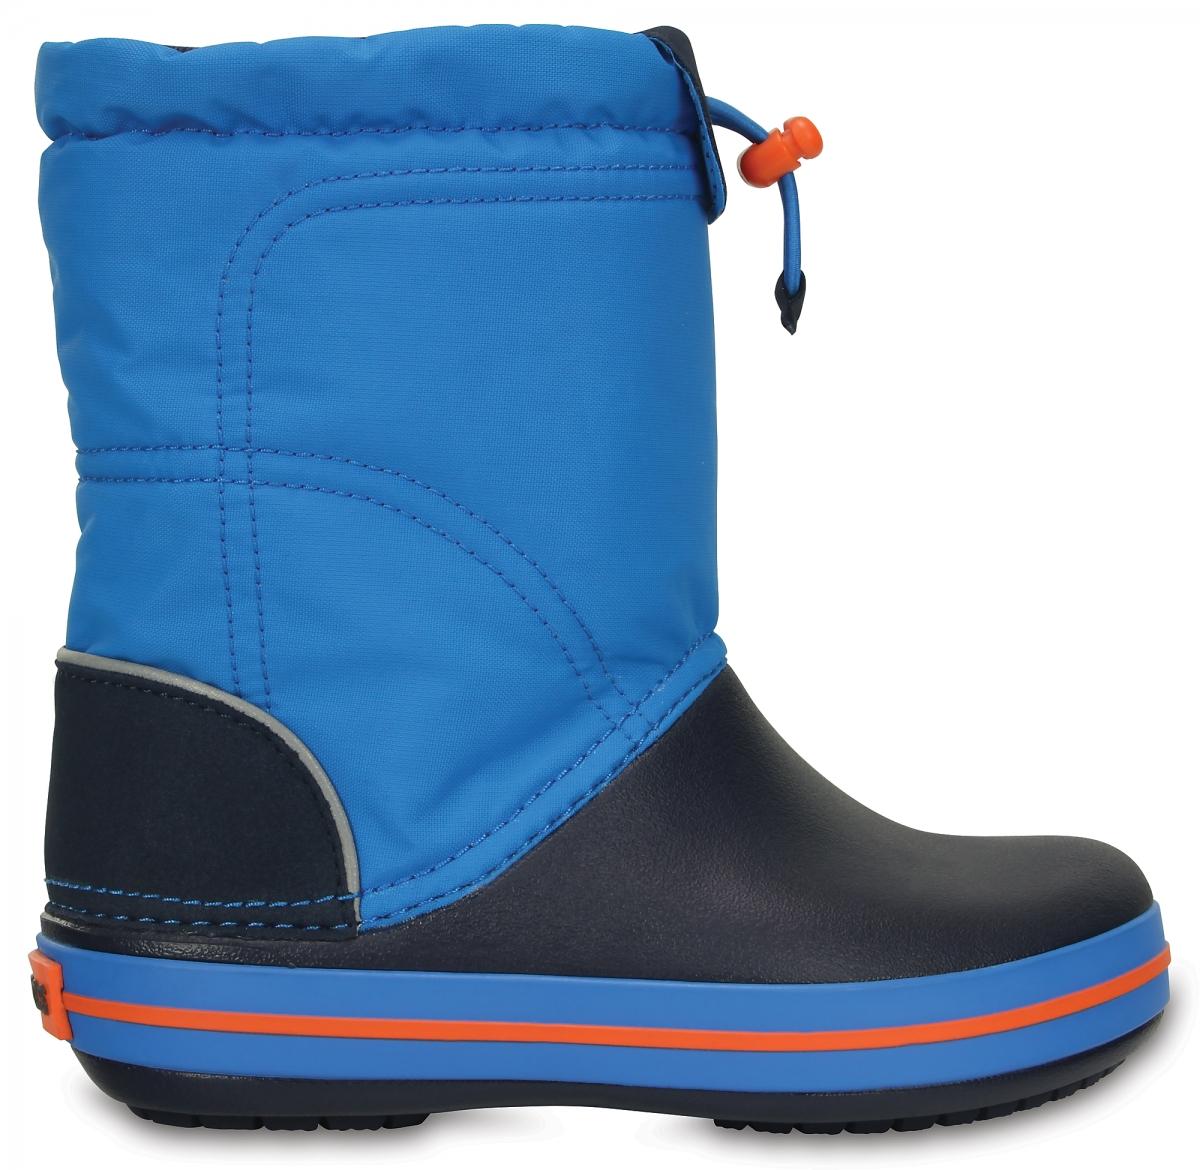 Crocs Crocband LodgePoint Boot Kids Ocean/Navy, C11 (28-29)